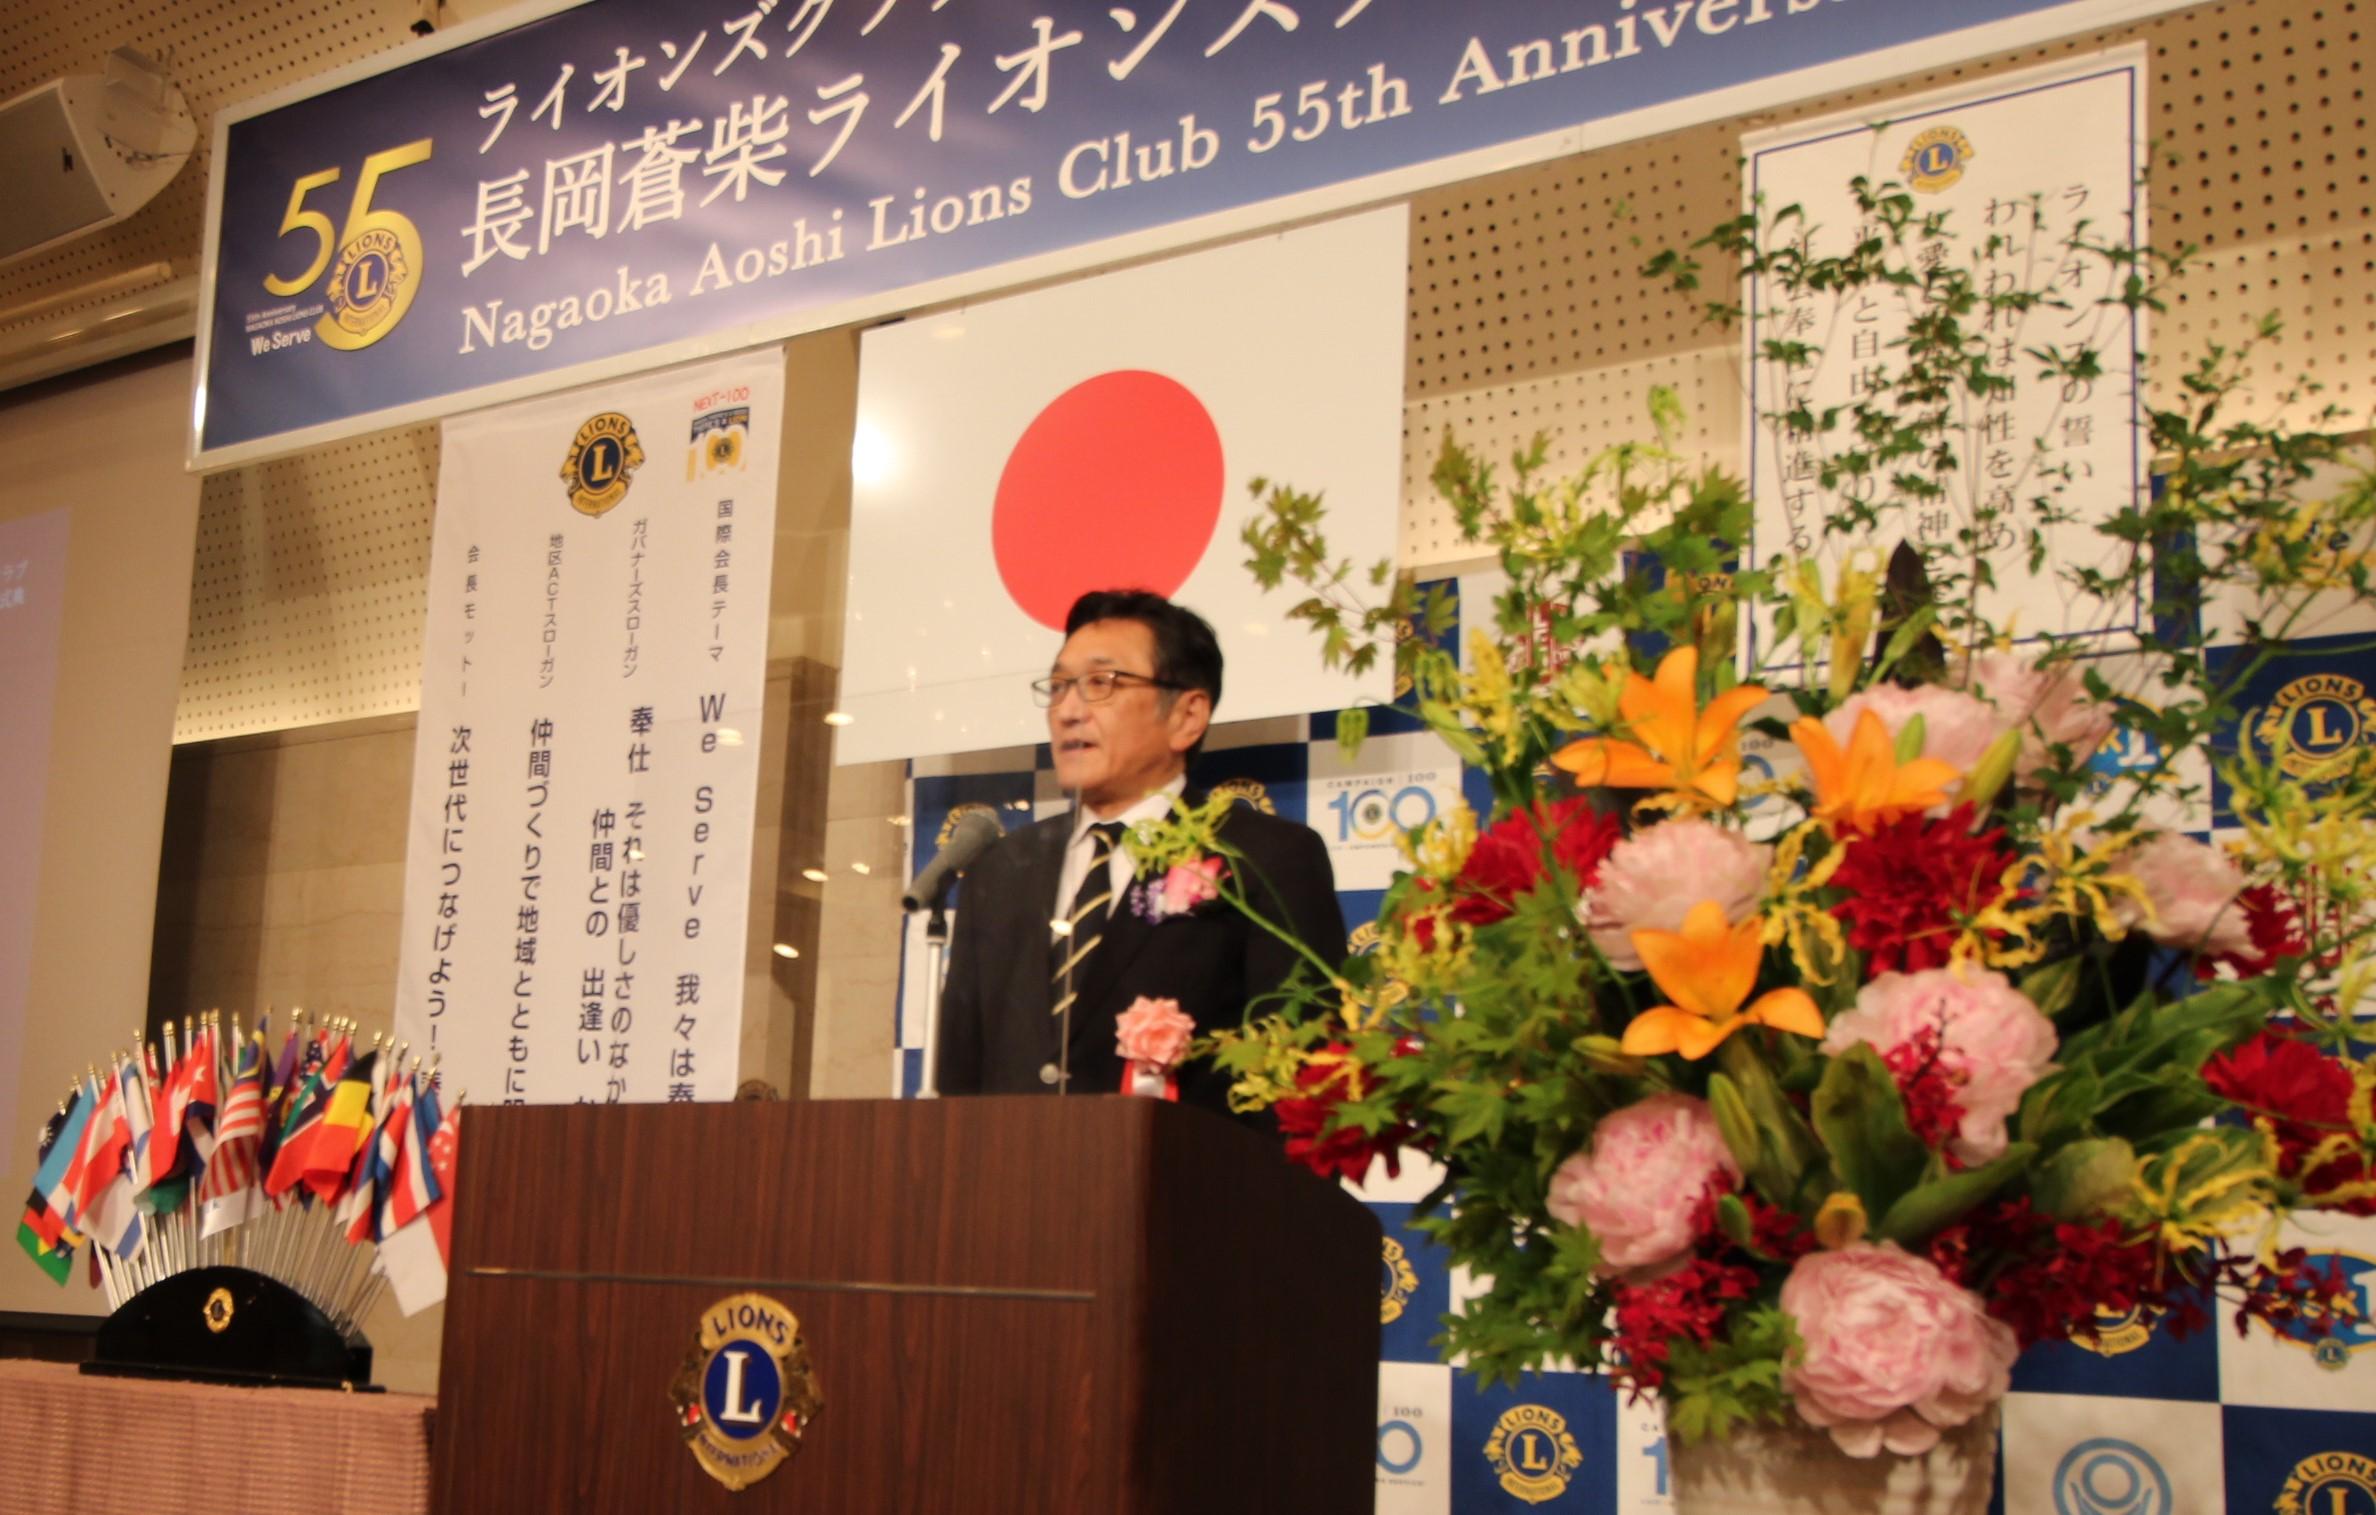 20210617_大井会長_55周年記念式典